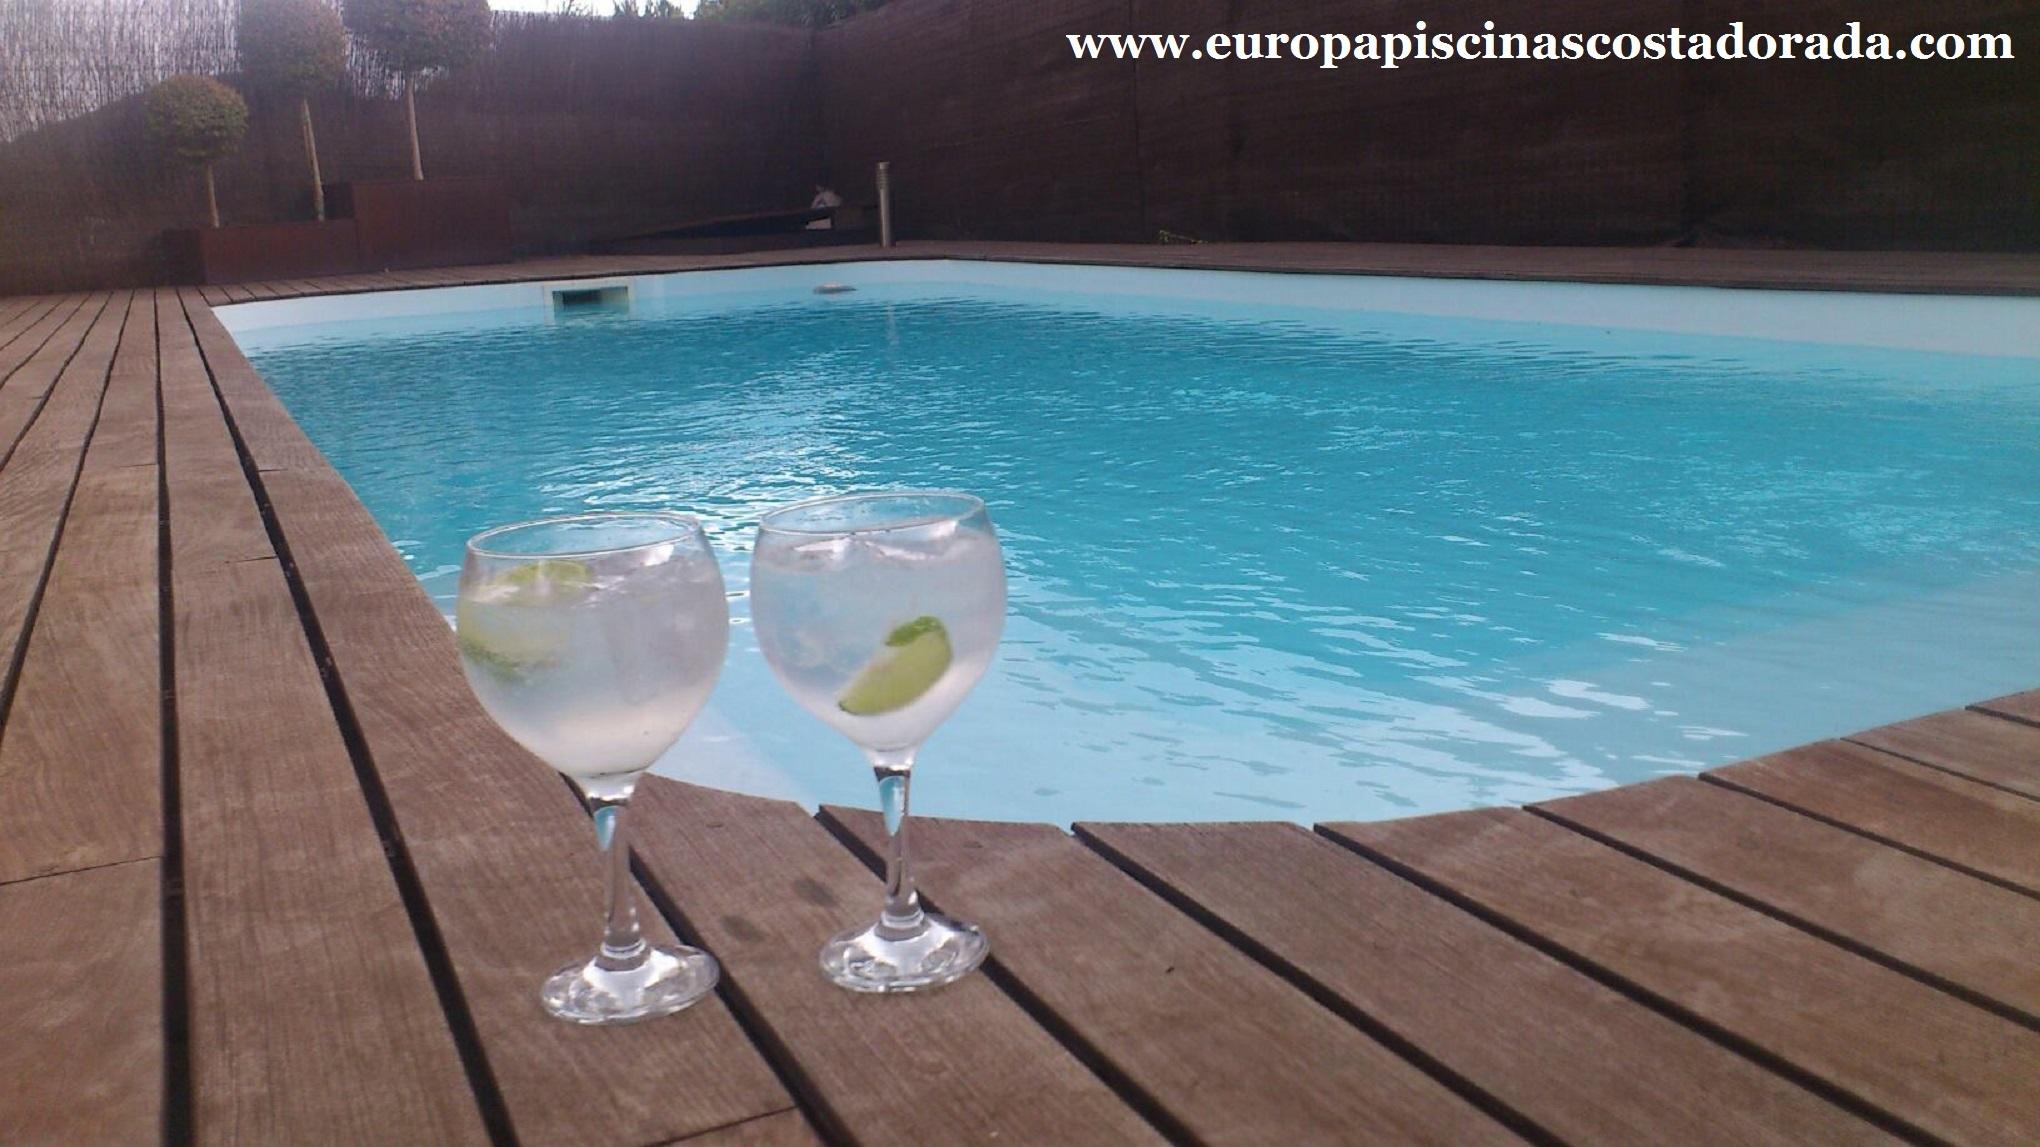 europa piscinas costa dorada clientes satisfechos